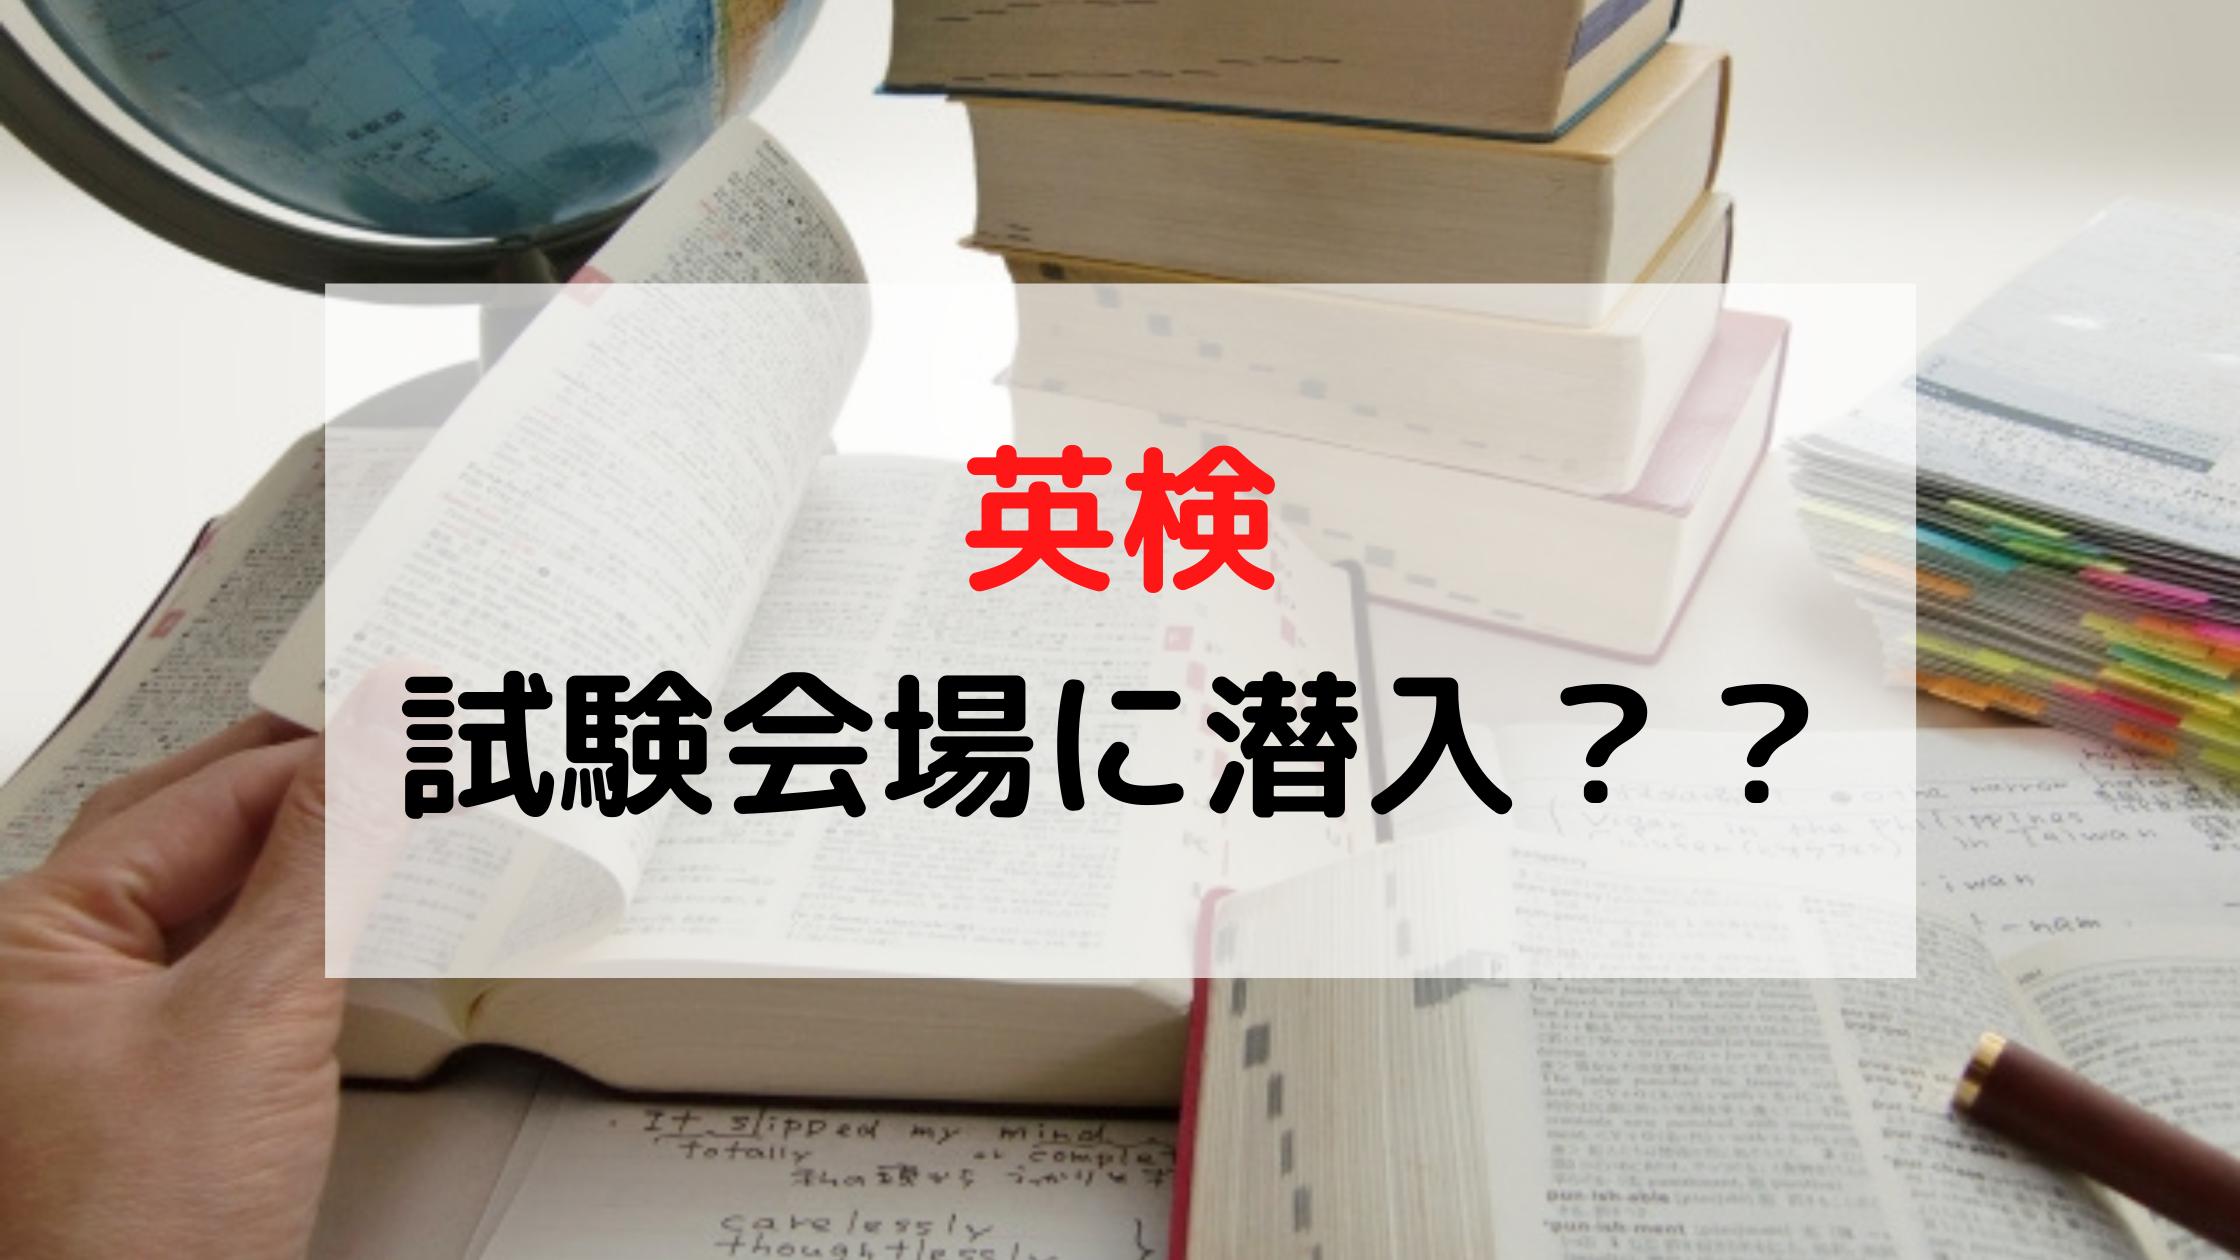 英検試験会場に潜入?